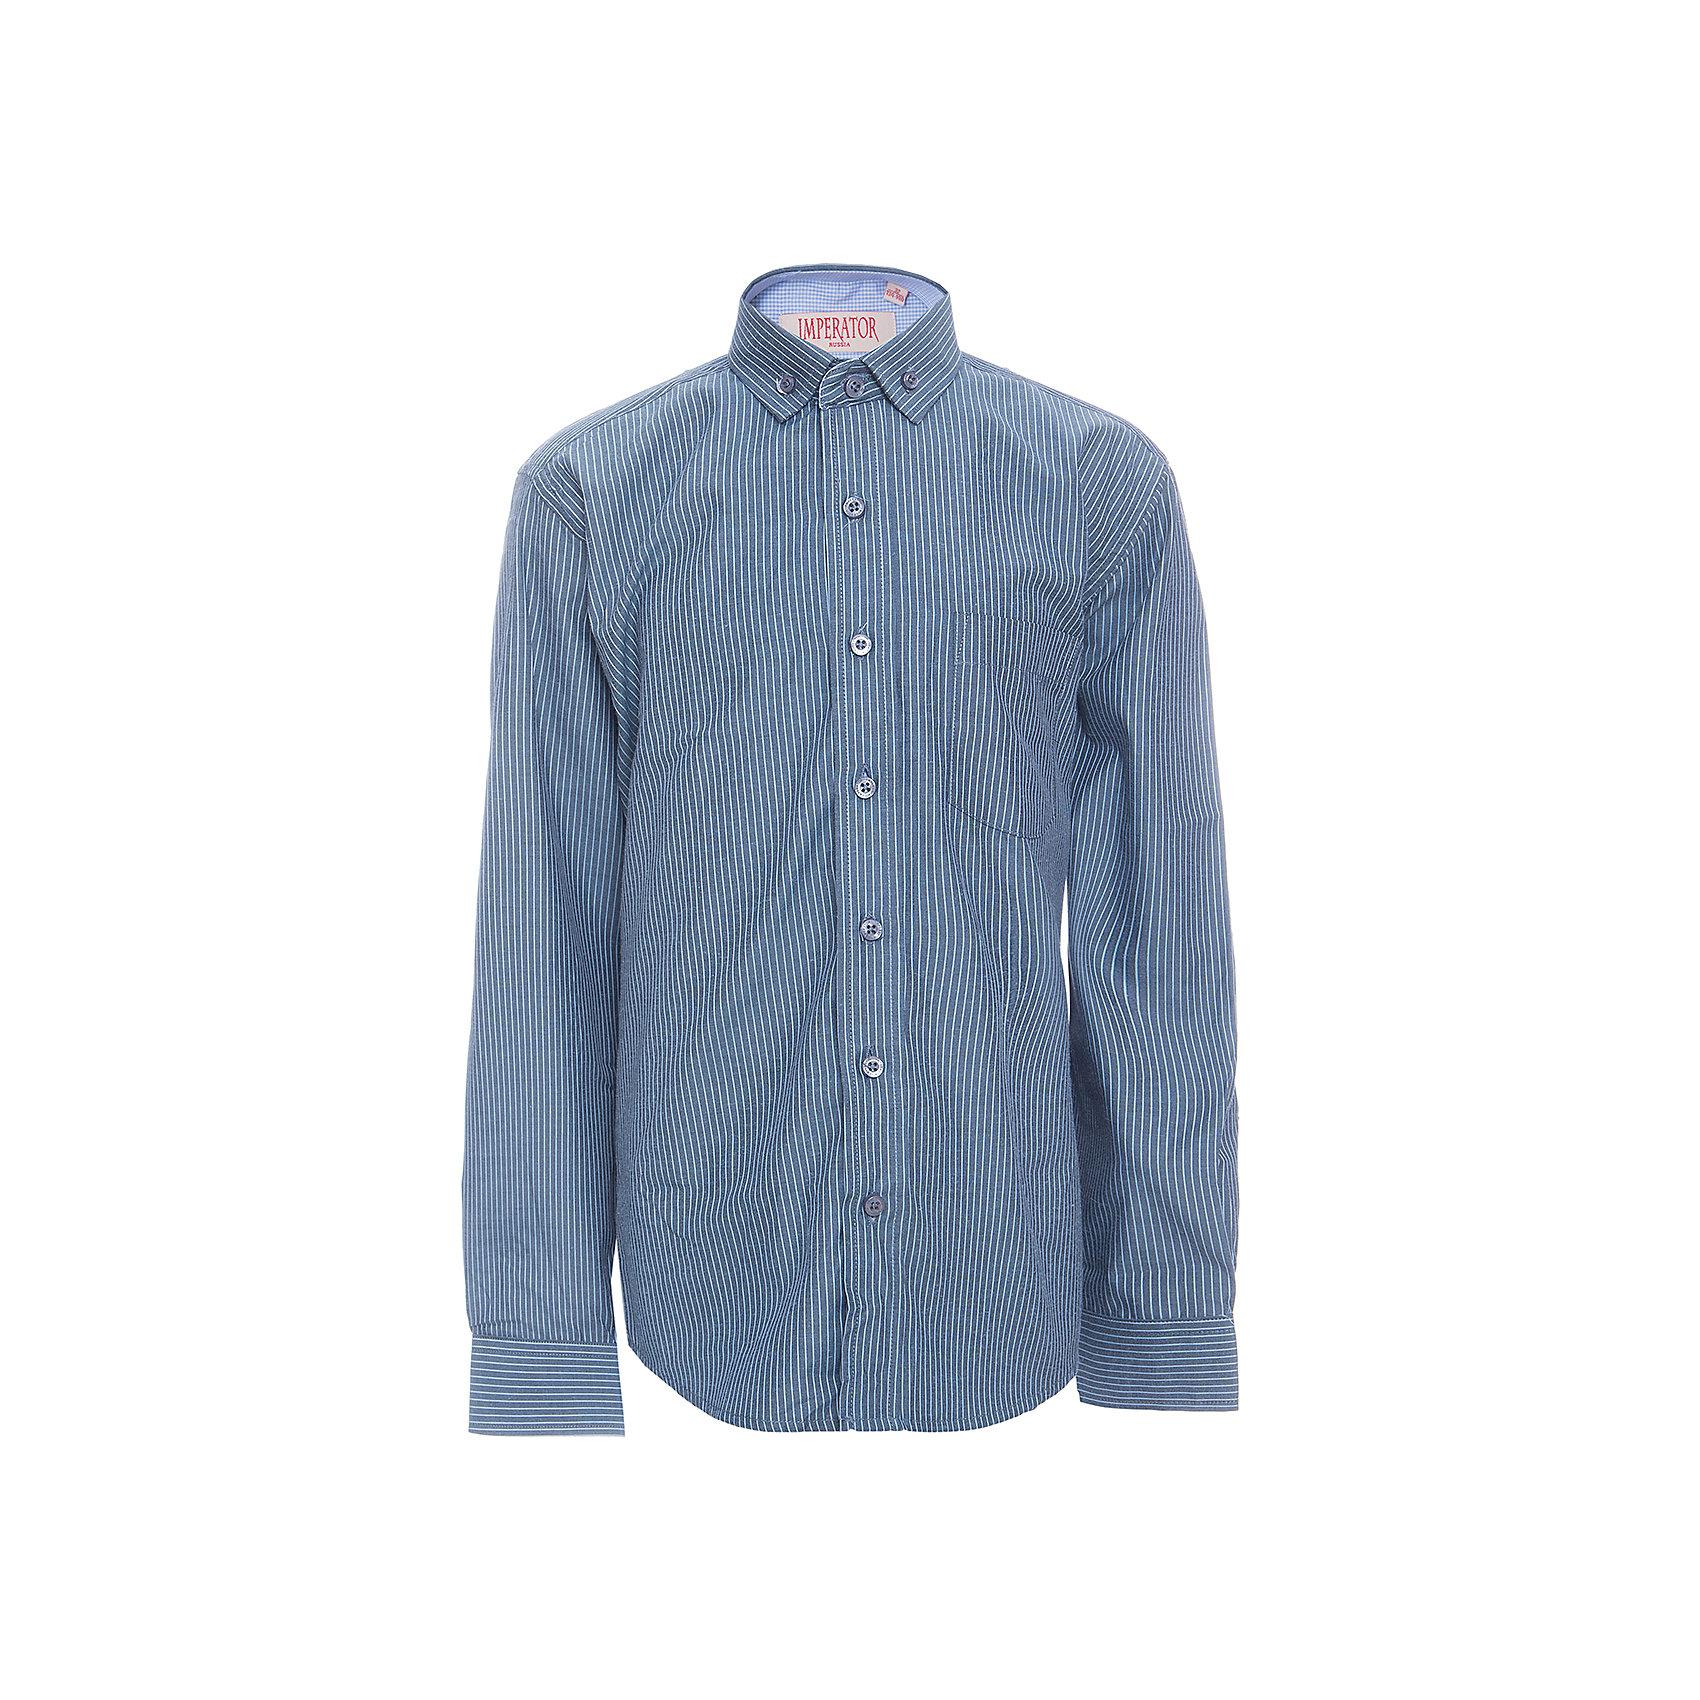 Рубашка для мальчика ImperatorБлузки и рубашки<br>Характеристики товара:<br><br>• цвет: синий<br>• состав ткани: 65% хлопок, 35% полиэстер<br>• особенности: школьная, праздничная<br>• застежка: пуговицы<br>• рукава: длинные<br>• сезон: круглый год<br>• страна бренда: Российская Федерация<br>• страна изготовитель: Китай<br><br>Стильная классическая сорочка для мальчика - отличный вариант практичной и стильной школьной одежды.<br><br>Накладной карман, свободный покрой, дышащая ткань с преобладанием хлопка - красиво и удобно.<br><br>Рубашку для мальчика Imperator (Император) можно купить в нашем интернет-магазине.<br><br>Ширина мм: 174<br>Глубина мм: 10<br>Высота мм: 169<br>Вес г: 157<br>Цвет: синий<br>Возраст от месяцев: 72<br>Возраст до месяцев: 84<br>Пол: Мужской<br>Возраст: Детский<br>Размер: 122/128,164/170,152/158,146/152,152/158,146/152,140/146,134/140,128/134,158/164<br>SKU: 6860820